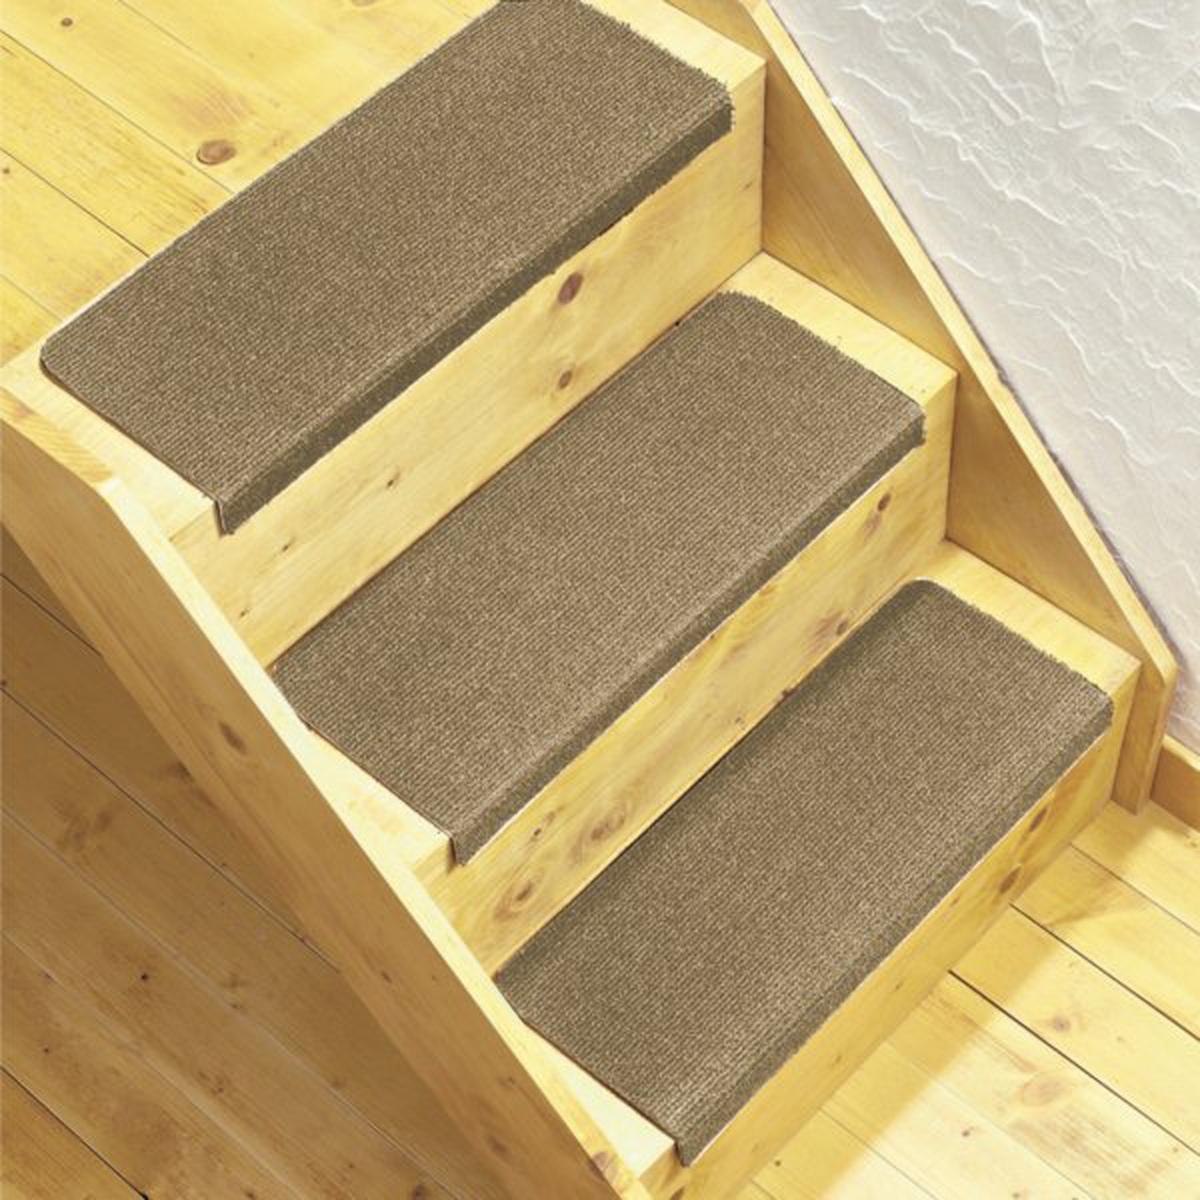 Комплект из 3 ковриков для лестницХарактеристика коврика для лестниц :100% полипропилен.Машинная стирка при 30 °С. Описание коврика для лестниц:Обработка против пятен.Противоскользящее покрытие на латексной основе снизу.Заранее сформированные ступени для быстрой укладки и отличного внешнего вида. Размеры :Ширина. 26 x Длина. 59 см.Качество VALEUR S?RE за износостойкость.<br><br>Цвет: бежевый экрю,красный карминный,светло-серый,светлый каштан